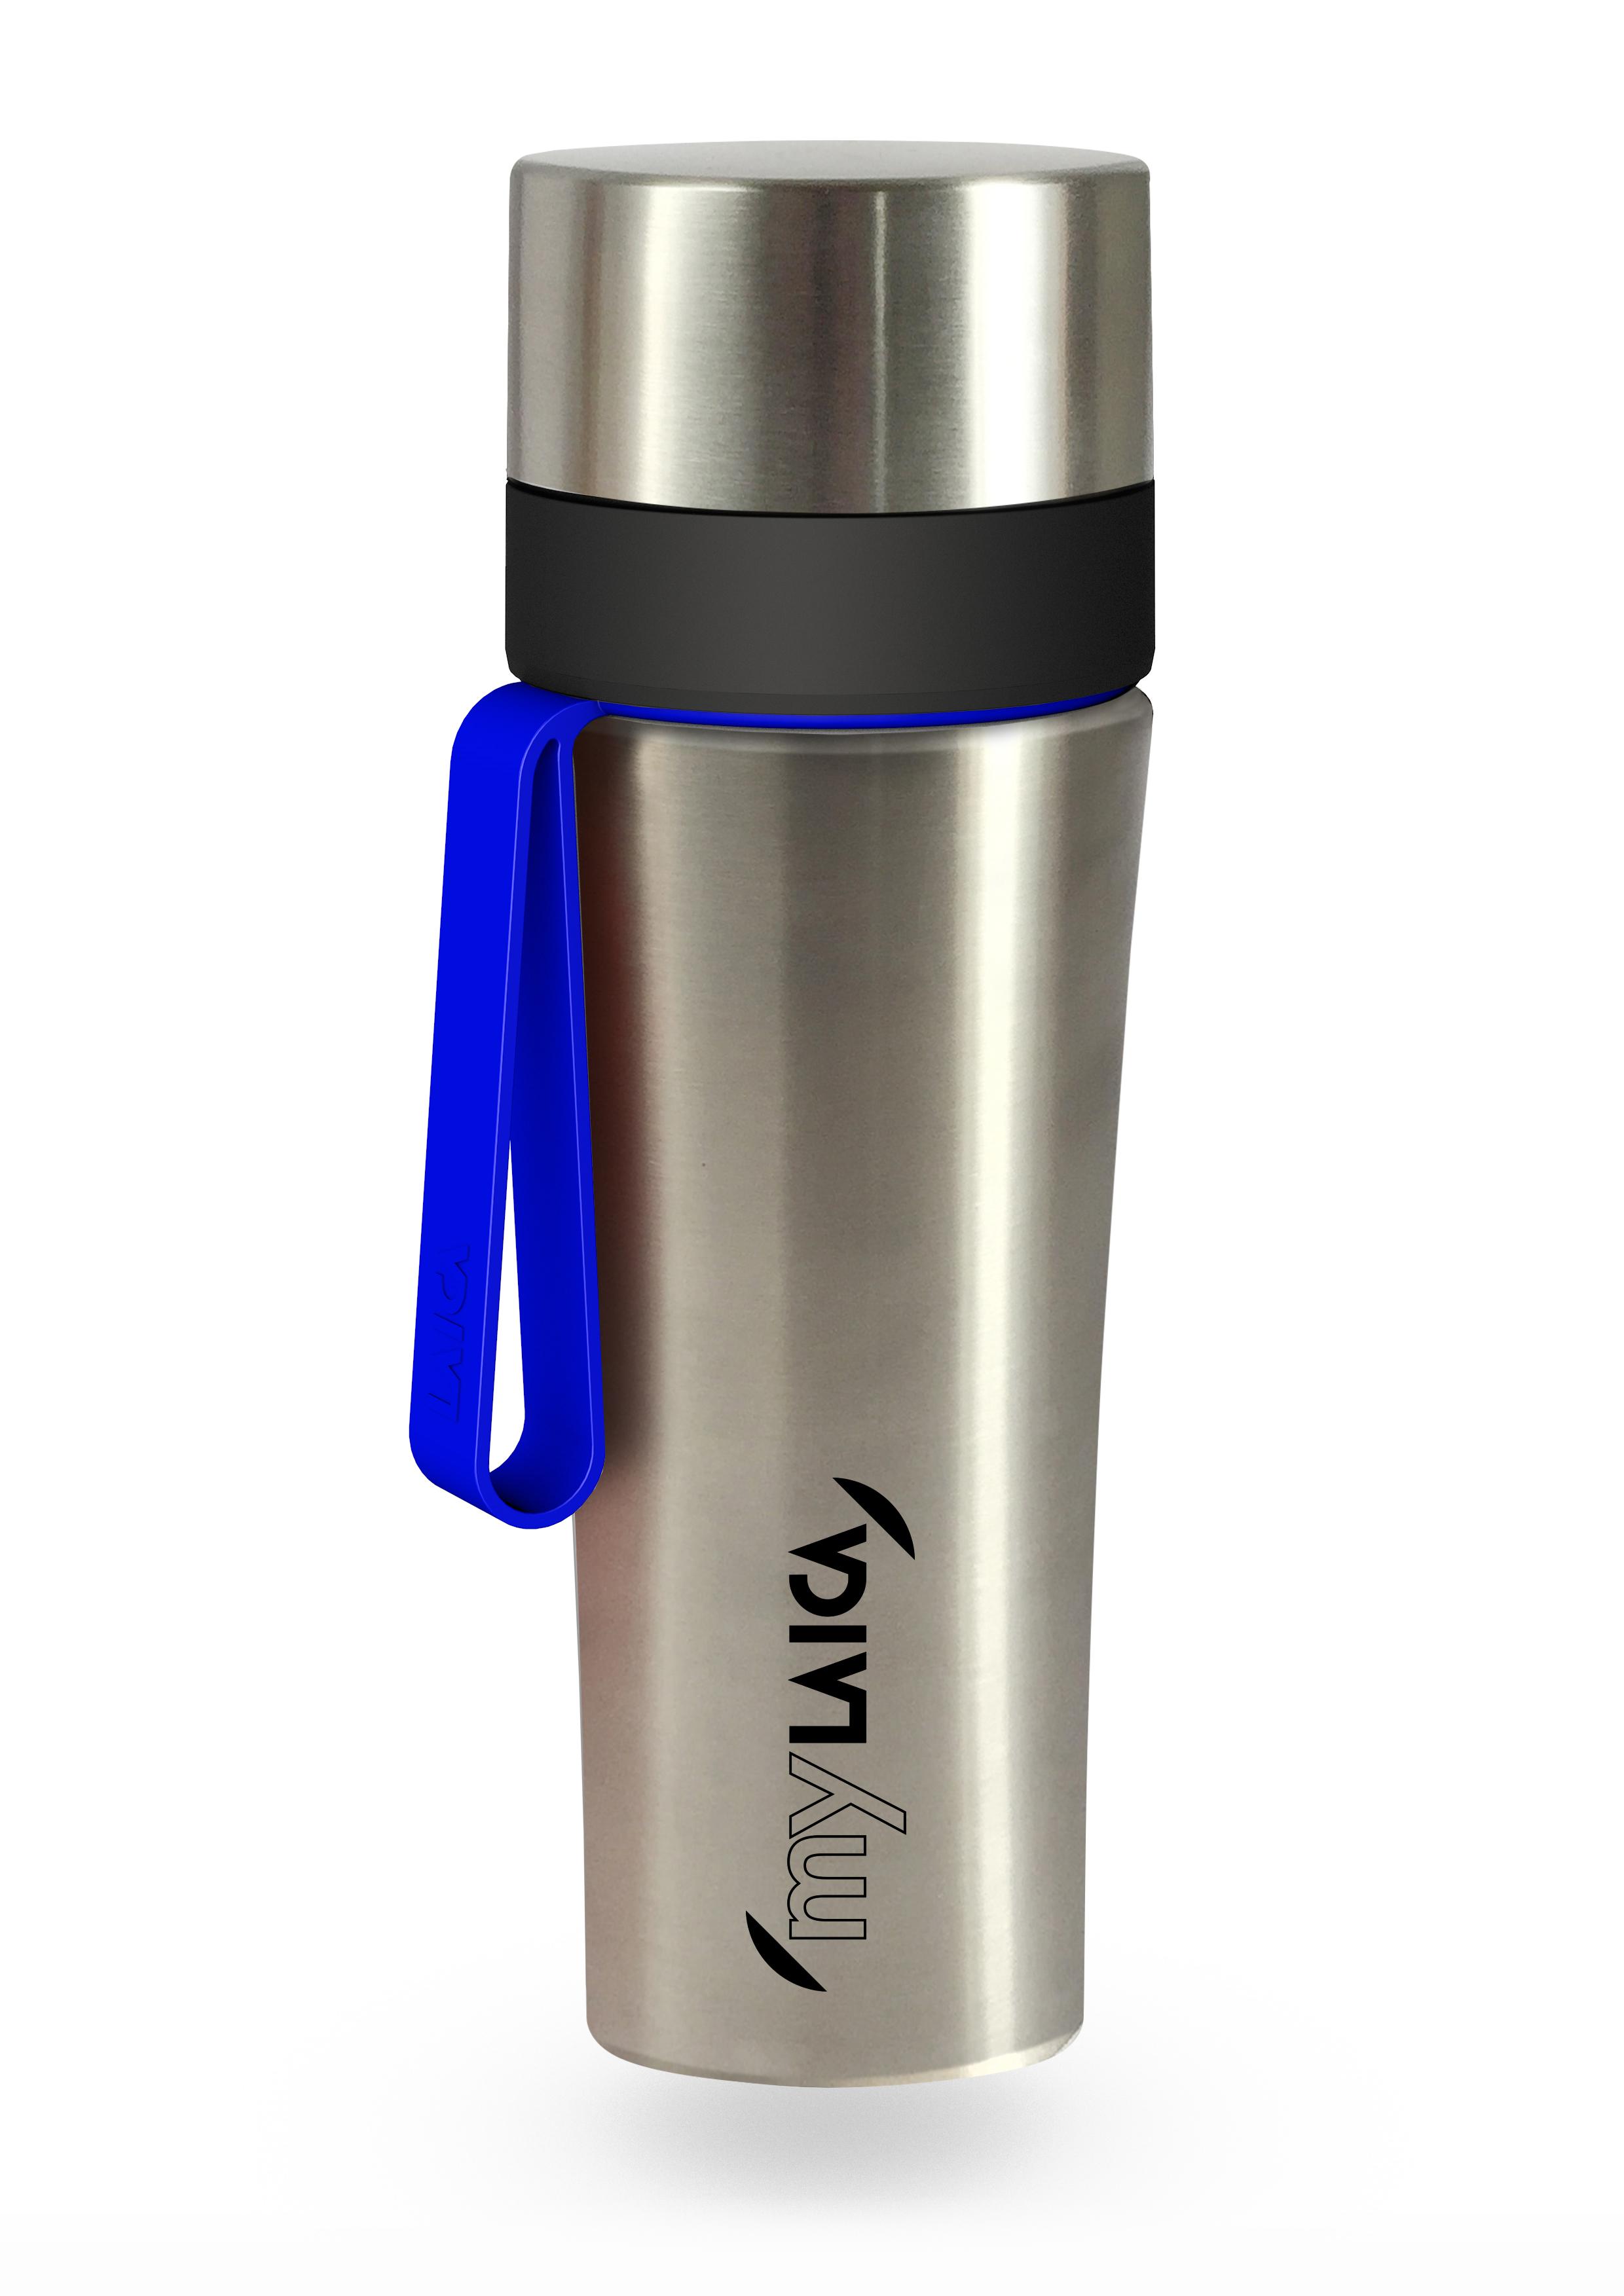 NOU: Sticlă filtrantă Sport myLaica, Inox, 0,55 litri, portabilă laicashop.ro 2021